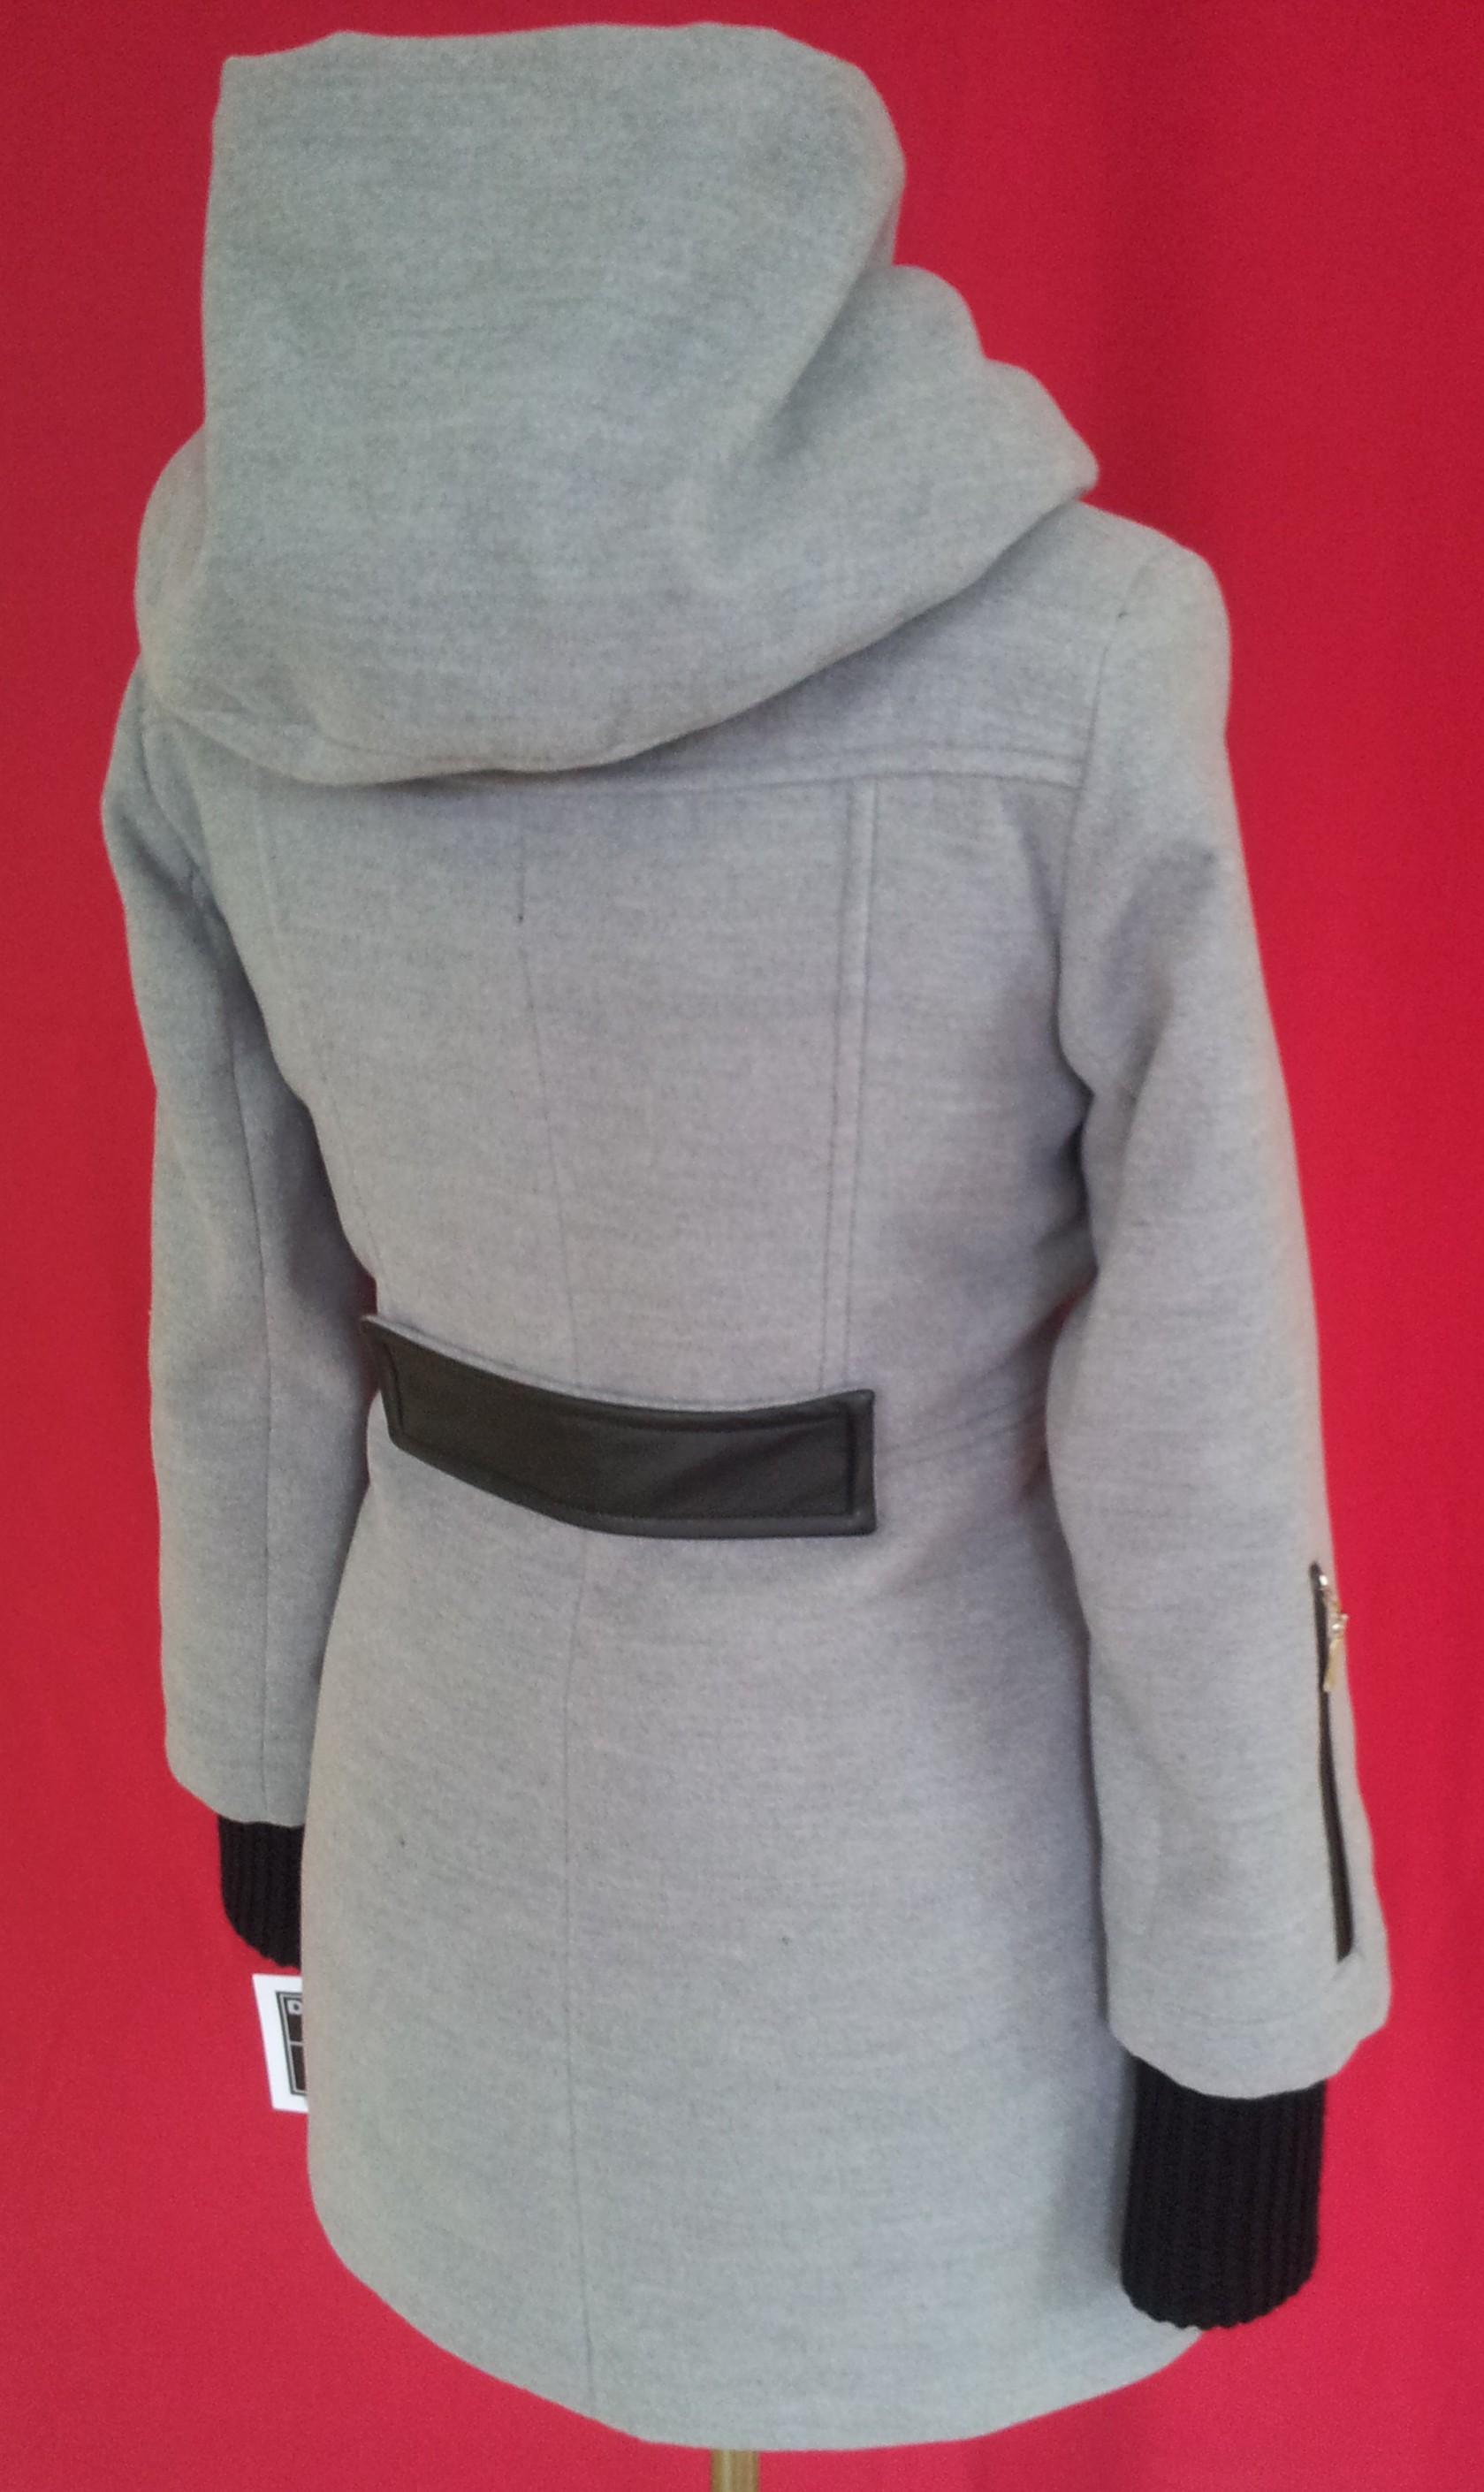 d527b6f0c Dlhý zimný dámsky kabát s kapucňou. Dvojradové zapínanie na gombíky Farby:  čierna, bledo šedá. Zloženie: 70% Vlna, 20% polyamid, 10% kašmír.